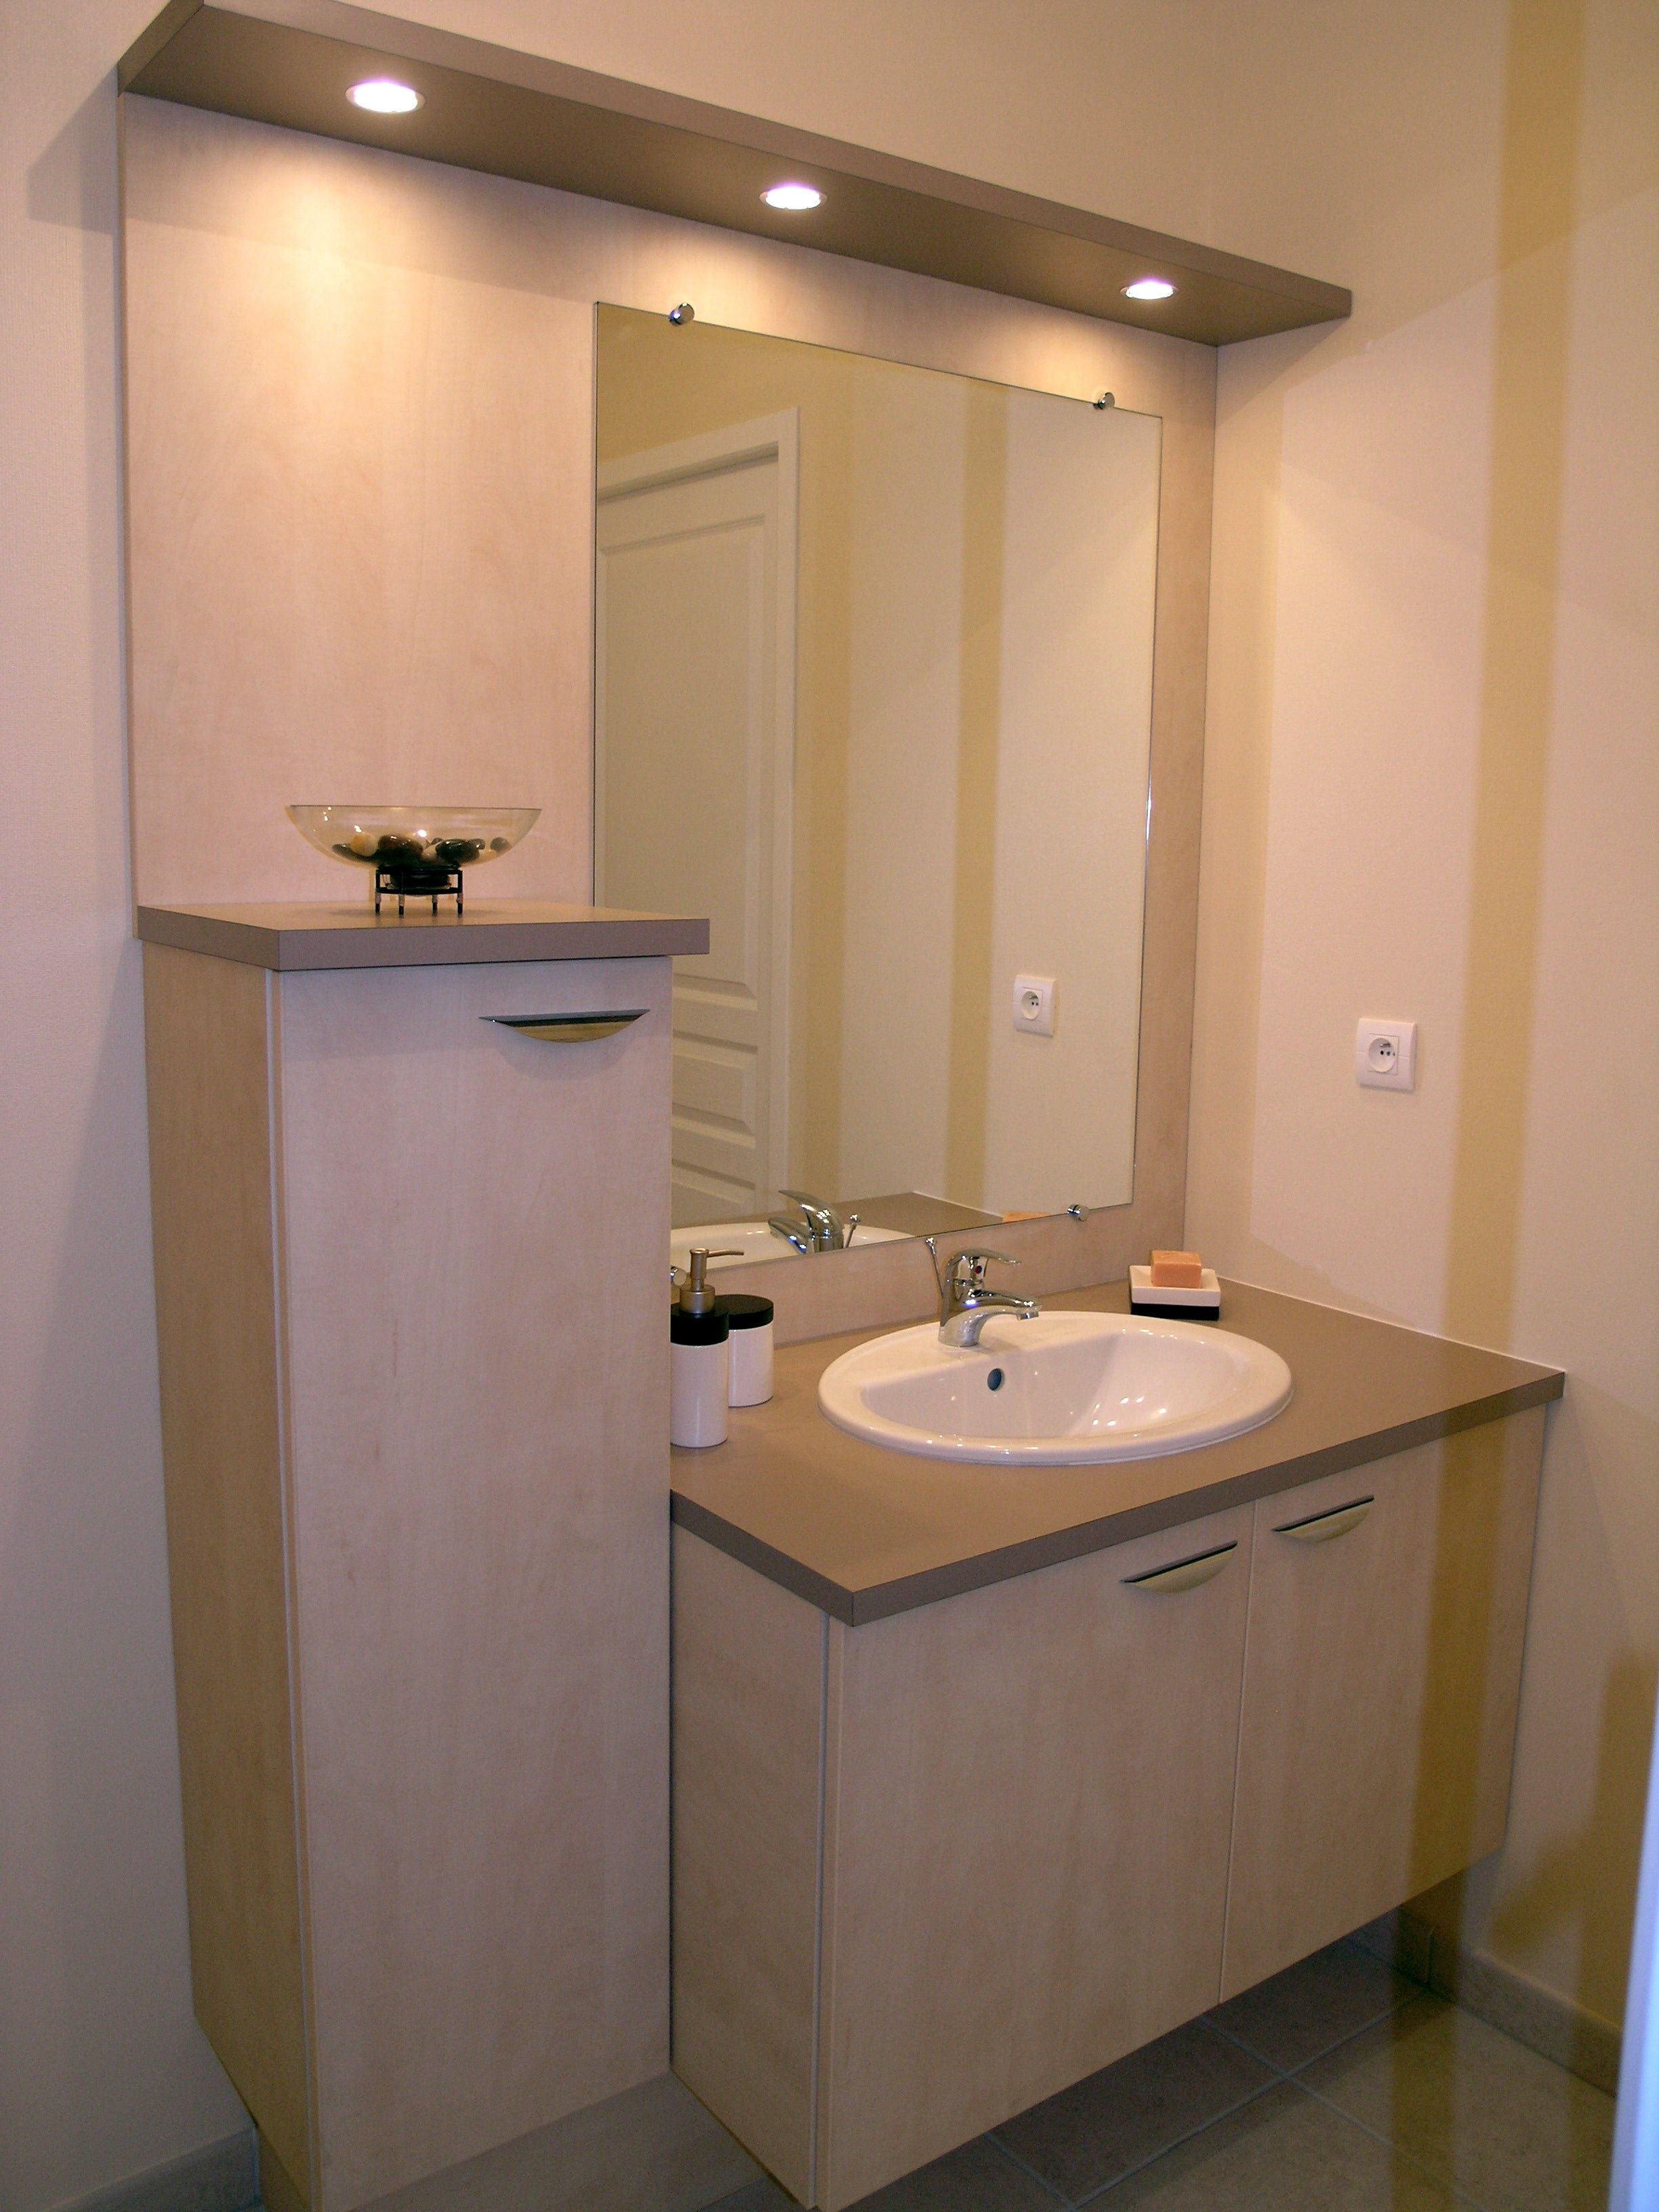 10 Minimaliste Meuble Salle De Bain Avec Miroir Et Eclairage Des ...